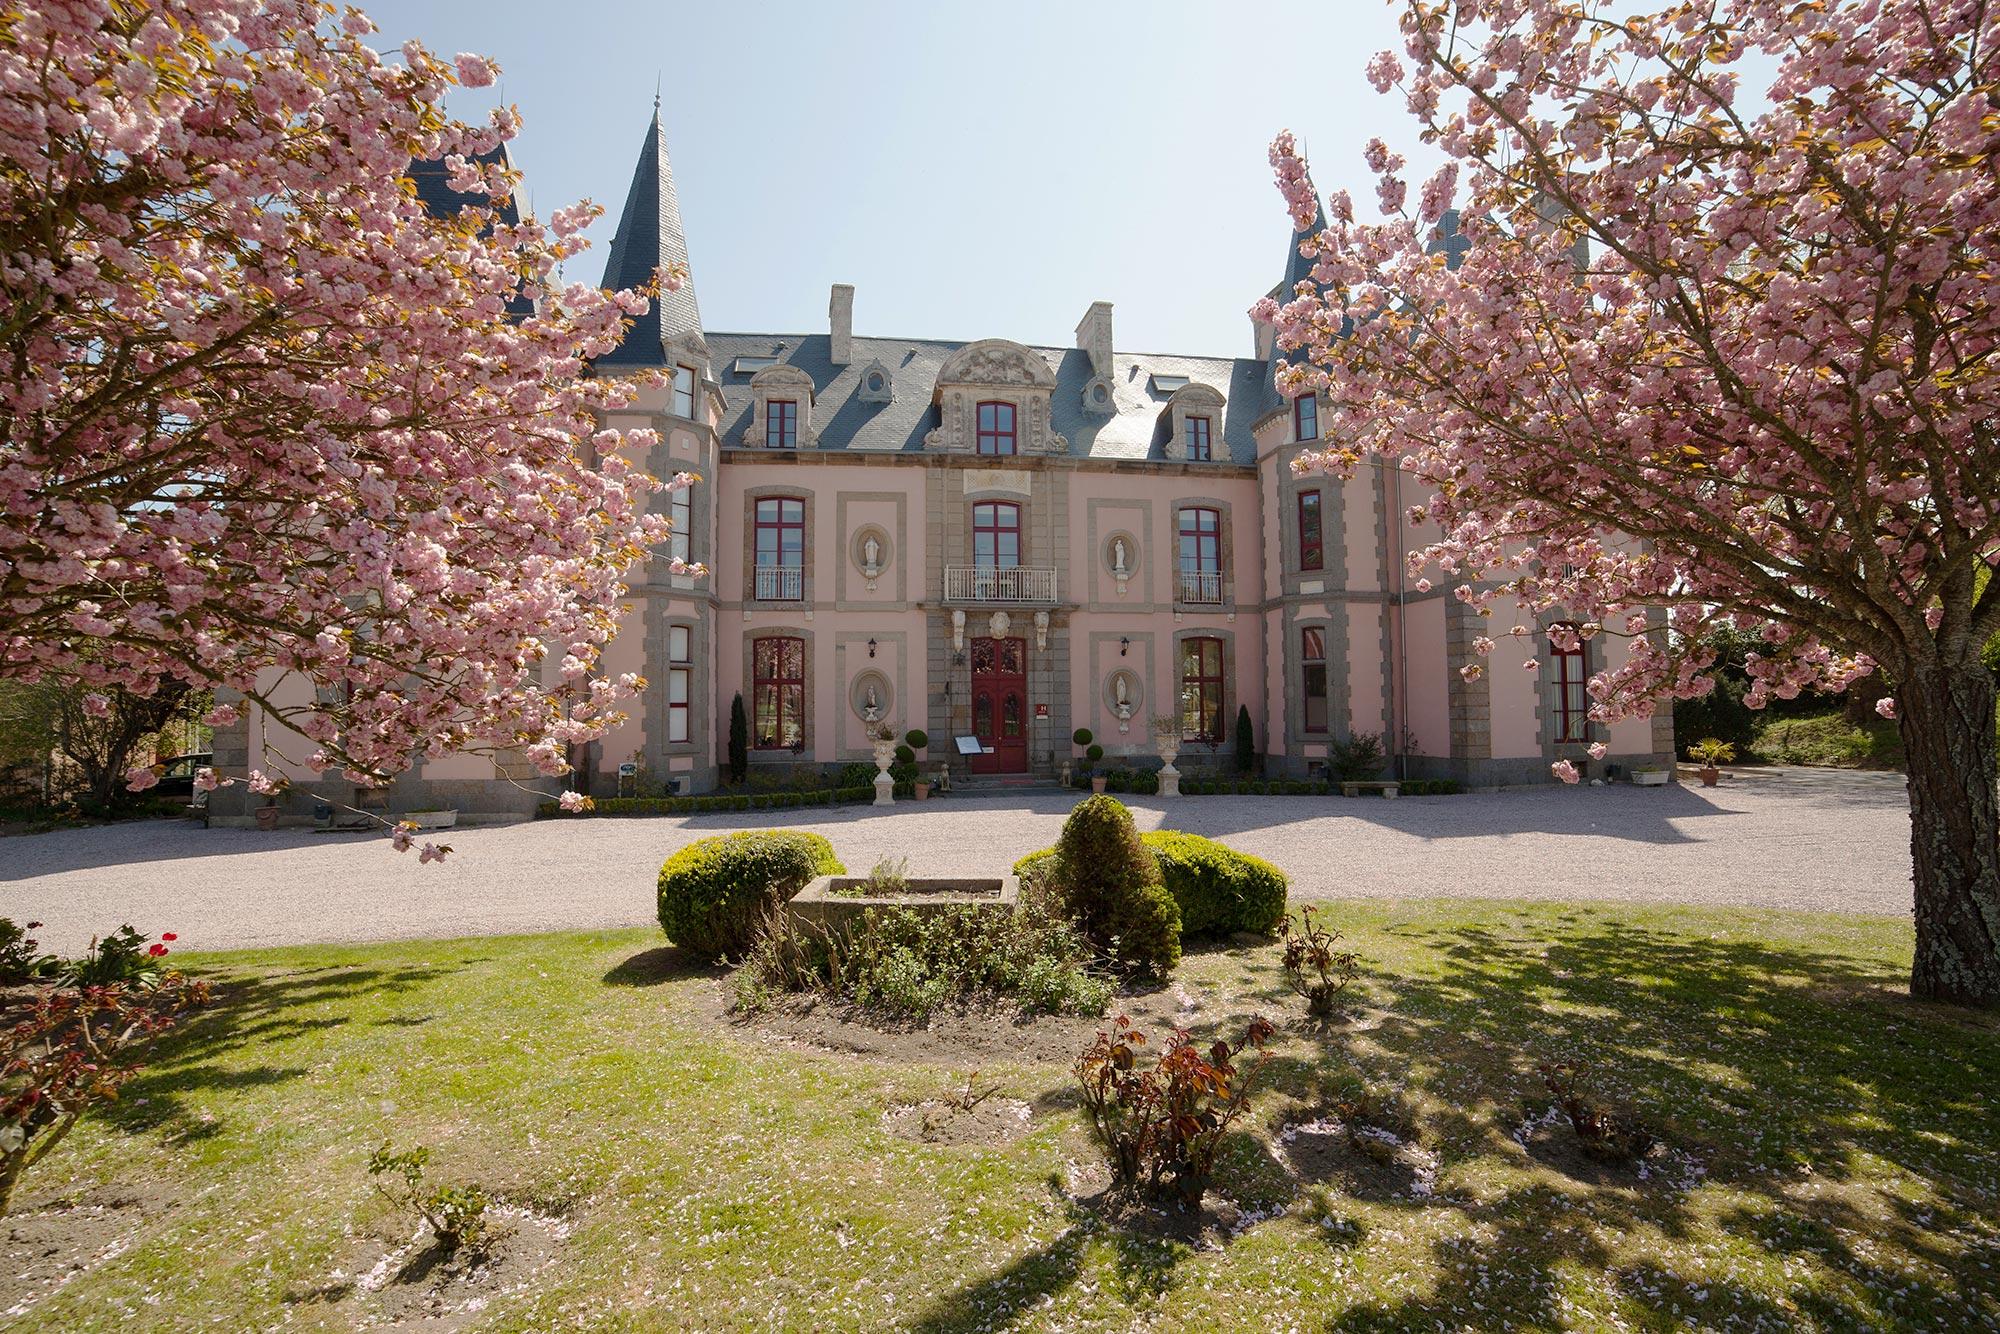 Façade traditionnelle en pierre d'un château avec des tourelles, agrémenté d'un jardin devant planté d'arbres à fleurs roses.